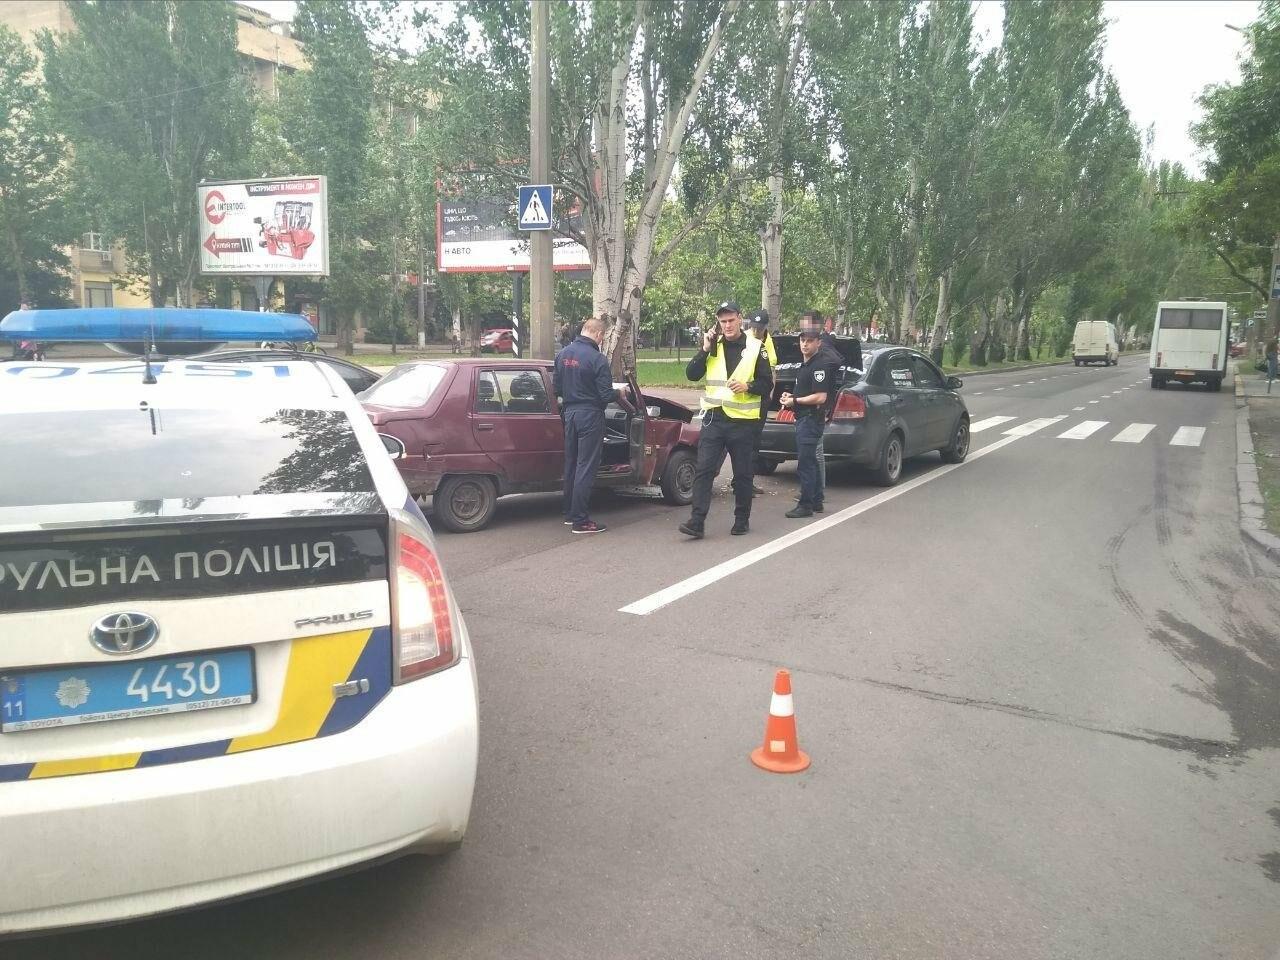 В центре Николаева произошла авария с участием автомобиля автошколы, - ФОТО, фото-4